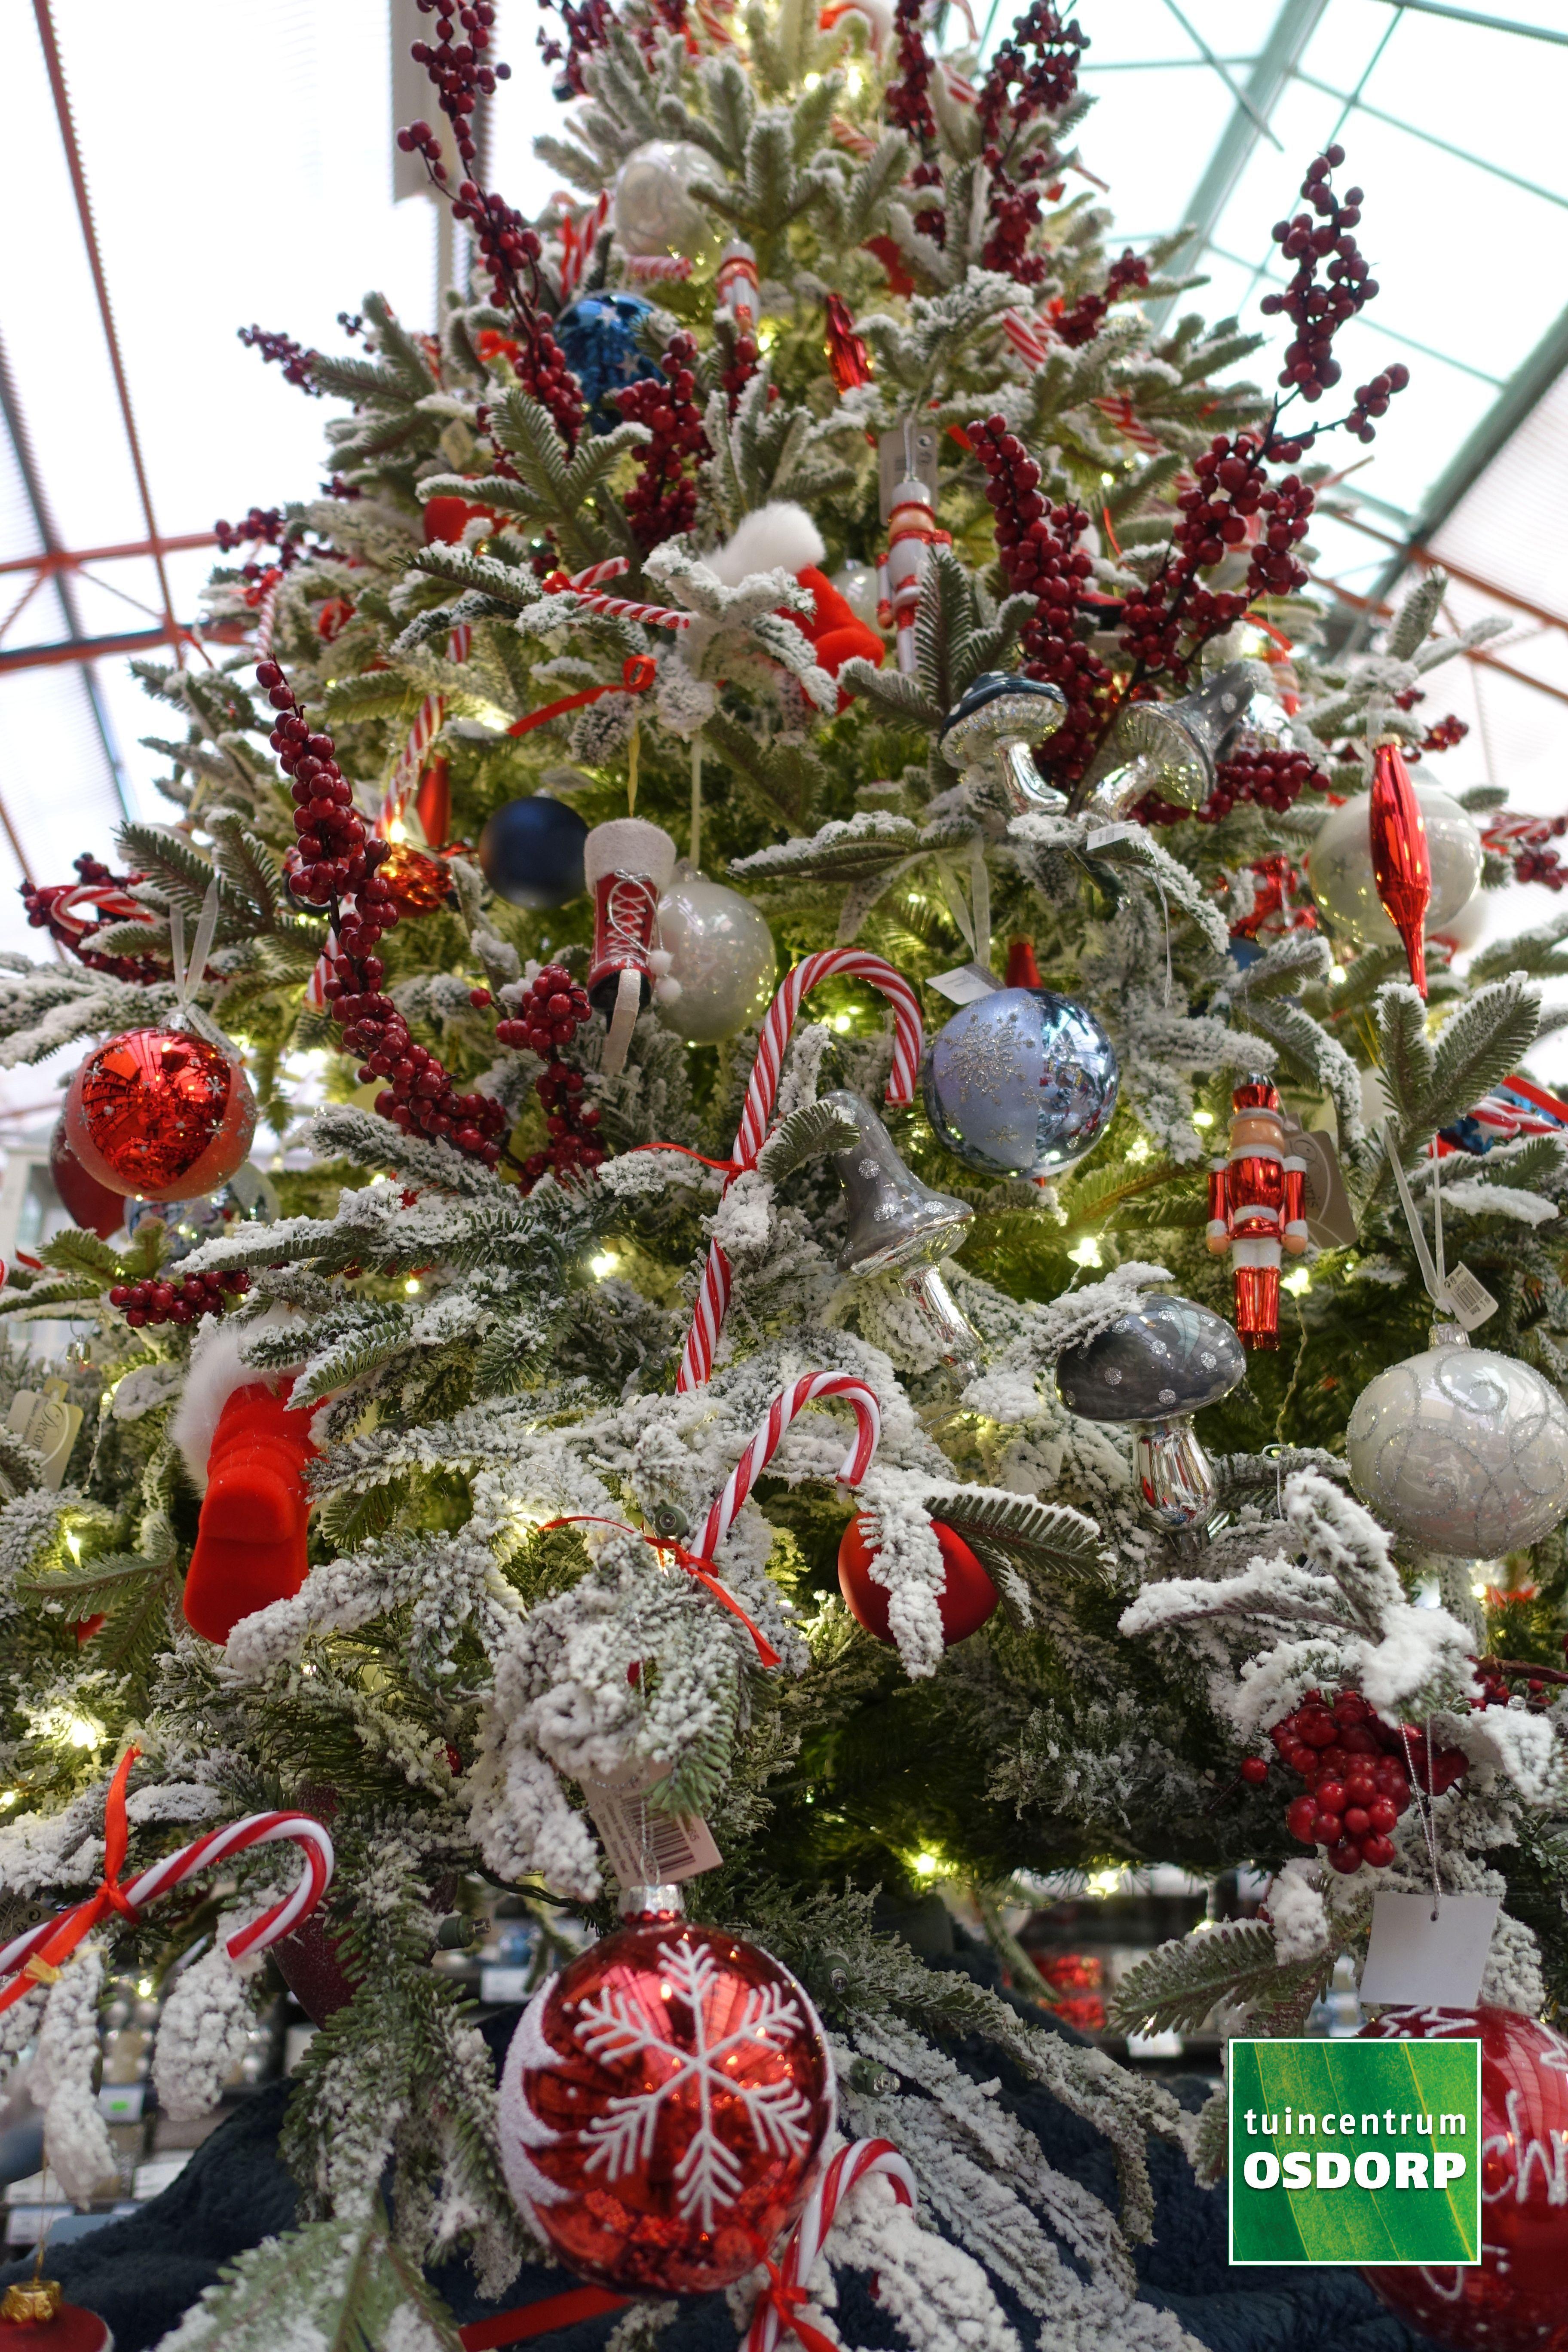 Kerst Inspiratie Bij De Kerstshow Van Tuincentrum Osdorp Kerstboom Versiering Rood Wit Blauw Parel E Kerstkransen Tuincentrum Osdorp Kerstboom Versieringen